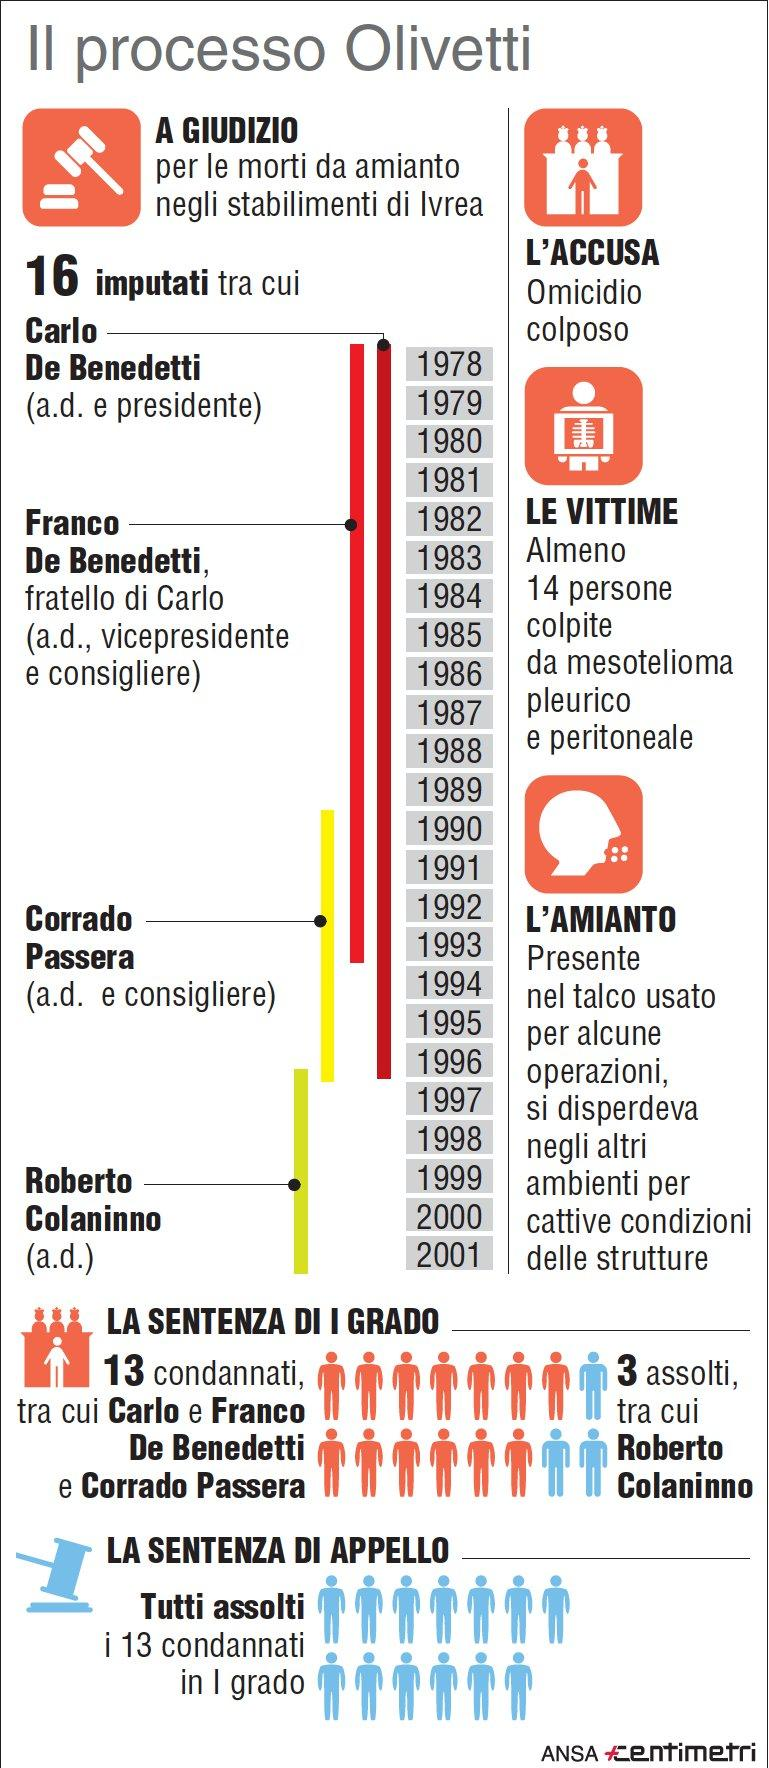 Processo Olivetti, morti d amianto: tutti assolti in appello